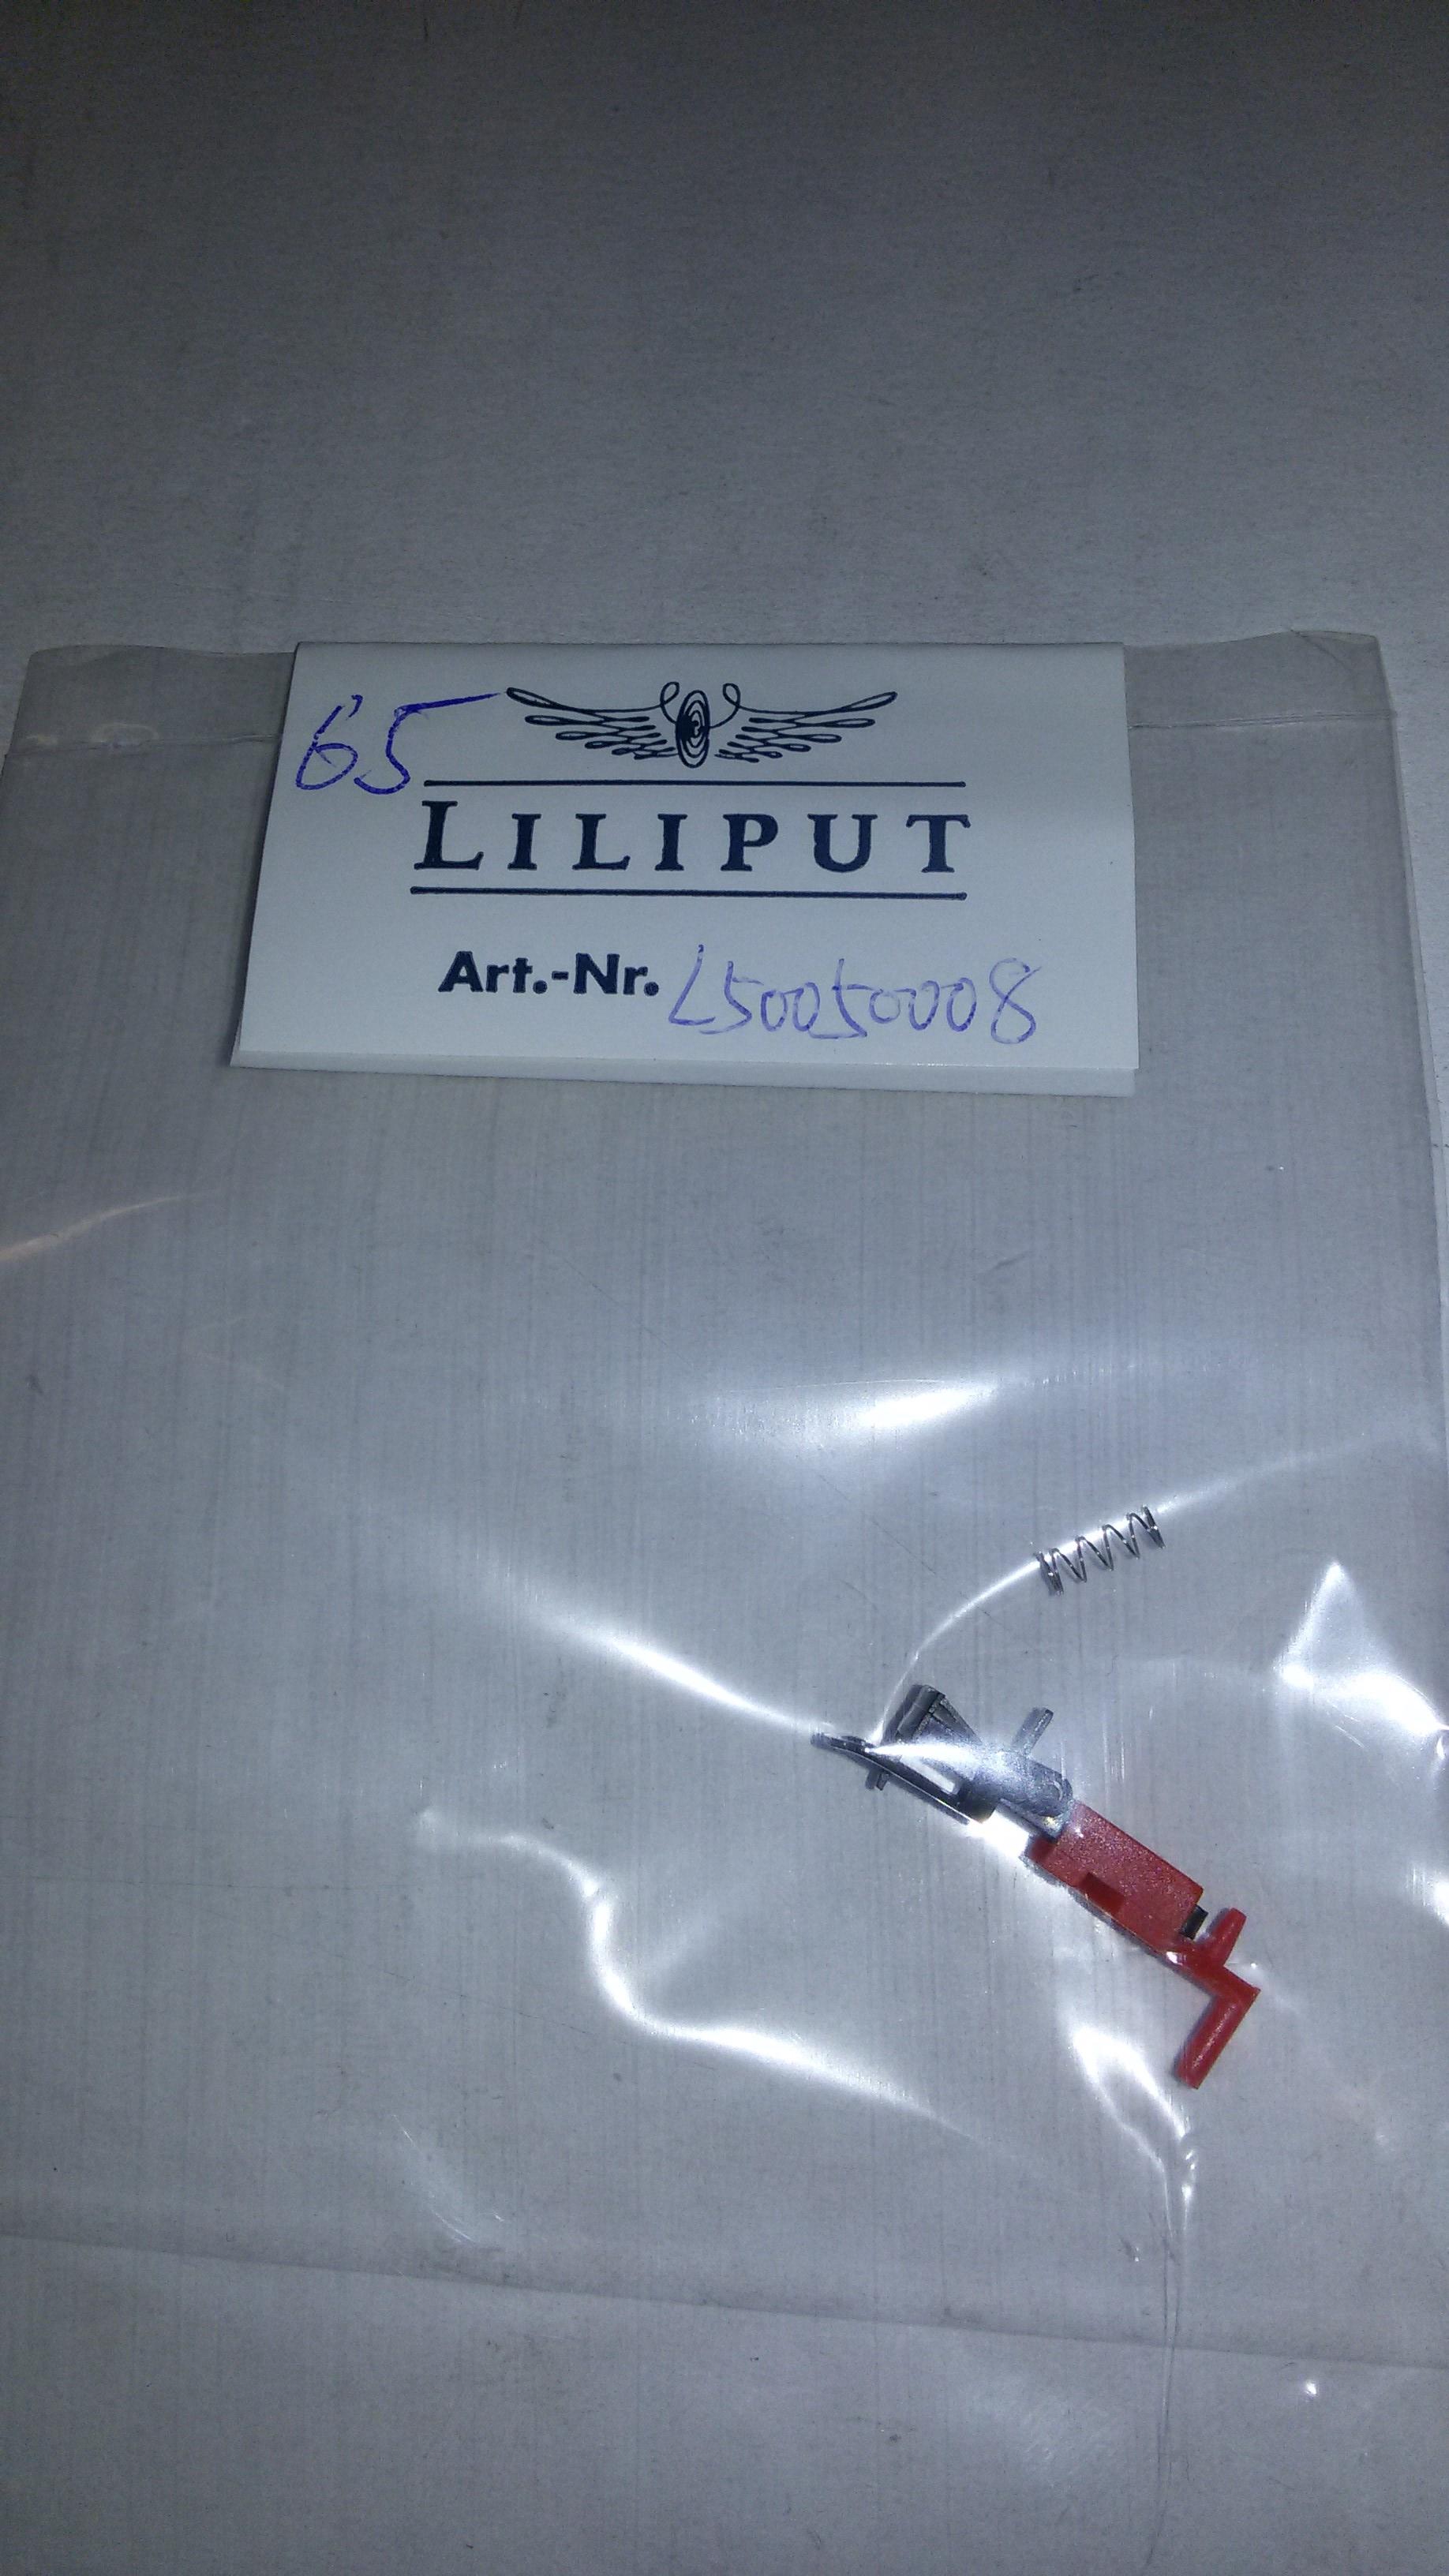 *LO 65* Liliput Ersatzteil L50050008 Kupplungsschacht